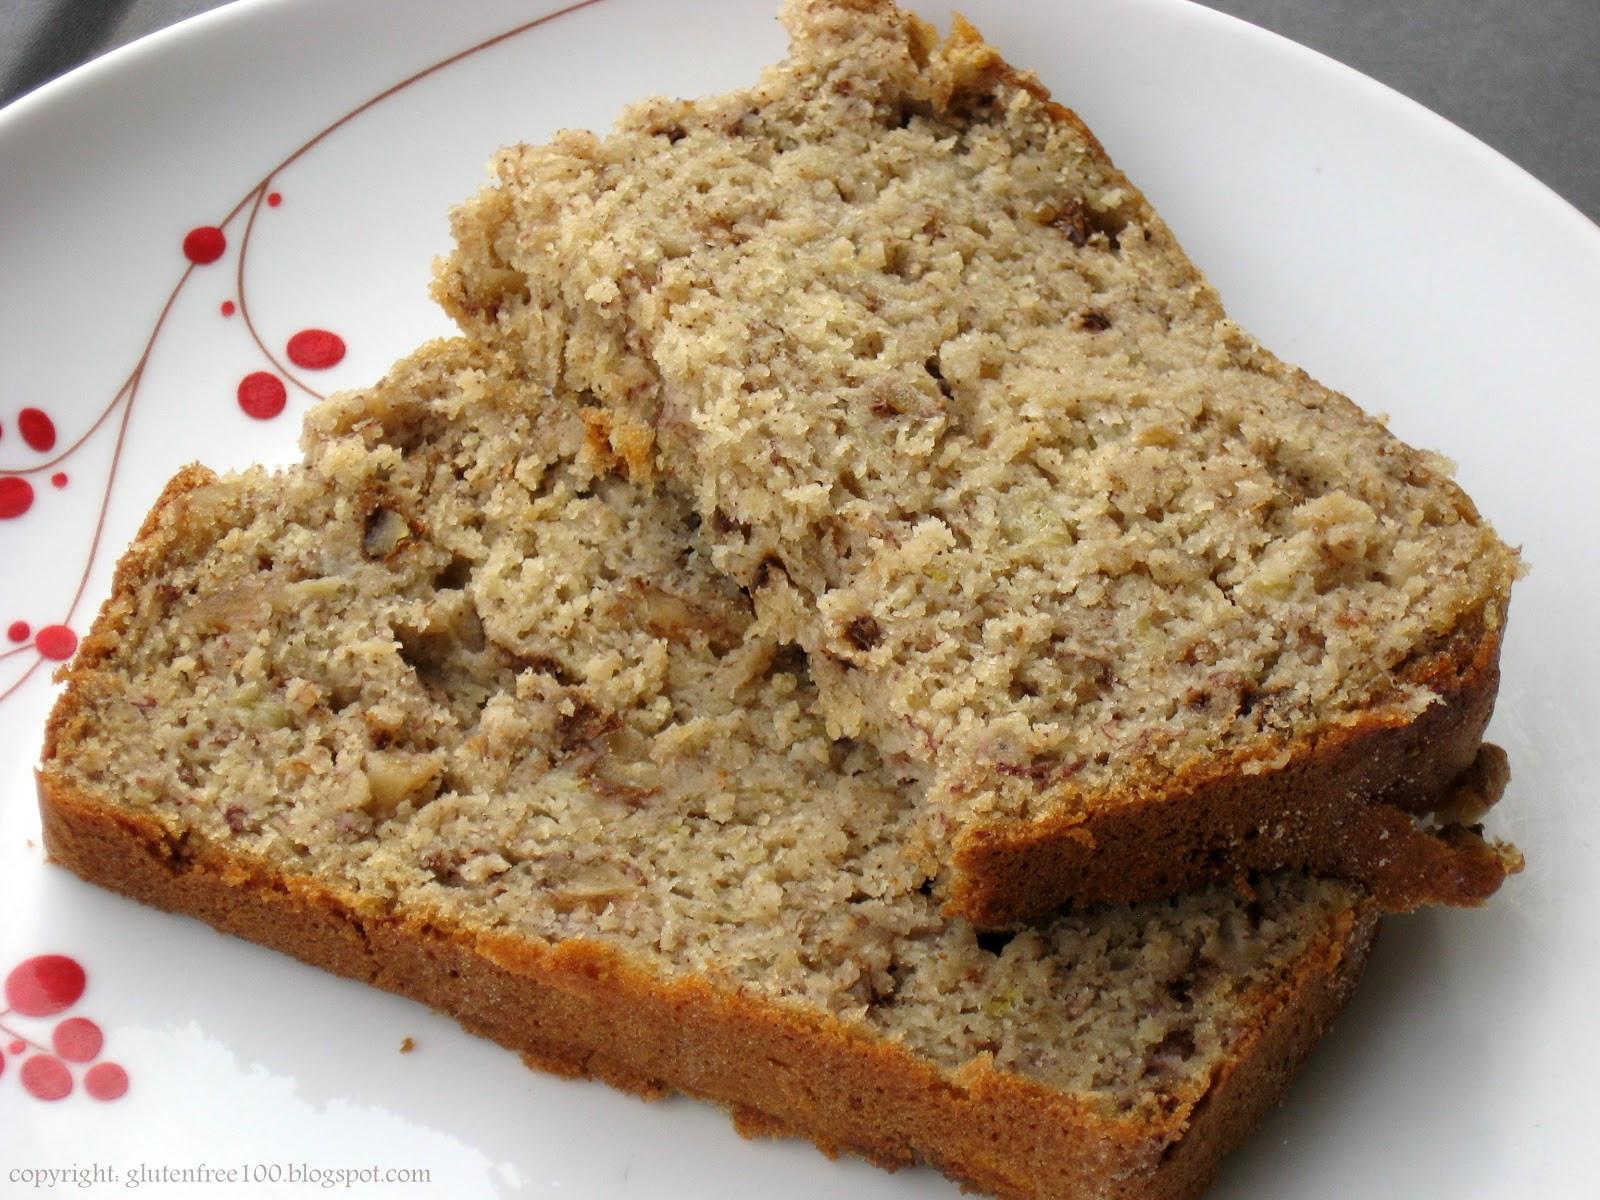 Healthy Gluten Free Bread Recipe  Healthy Banana Bread Recipe gluten free